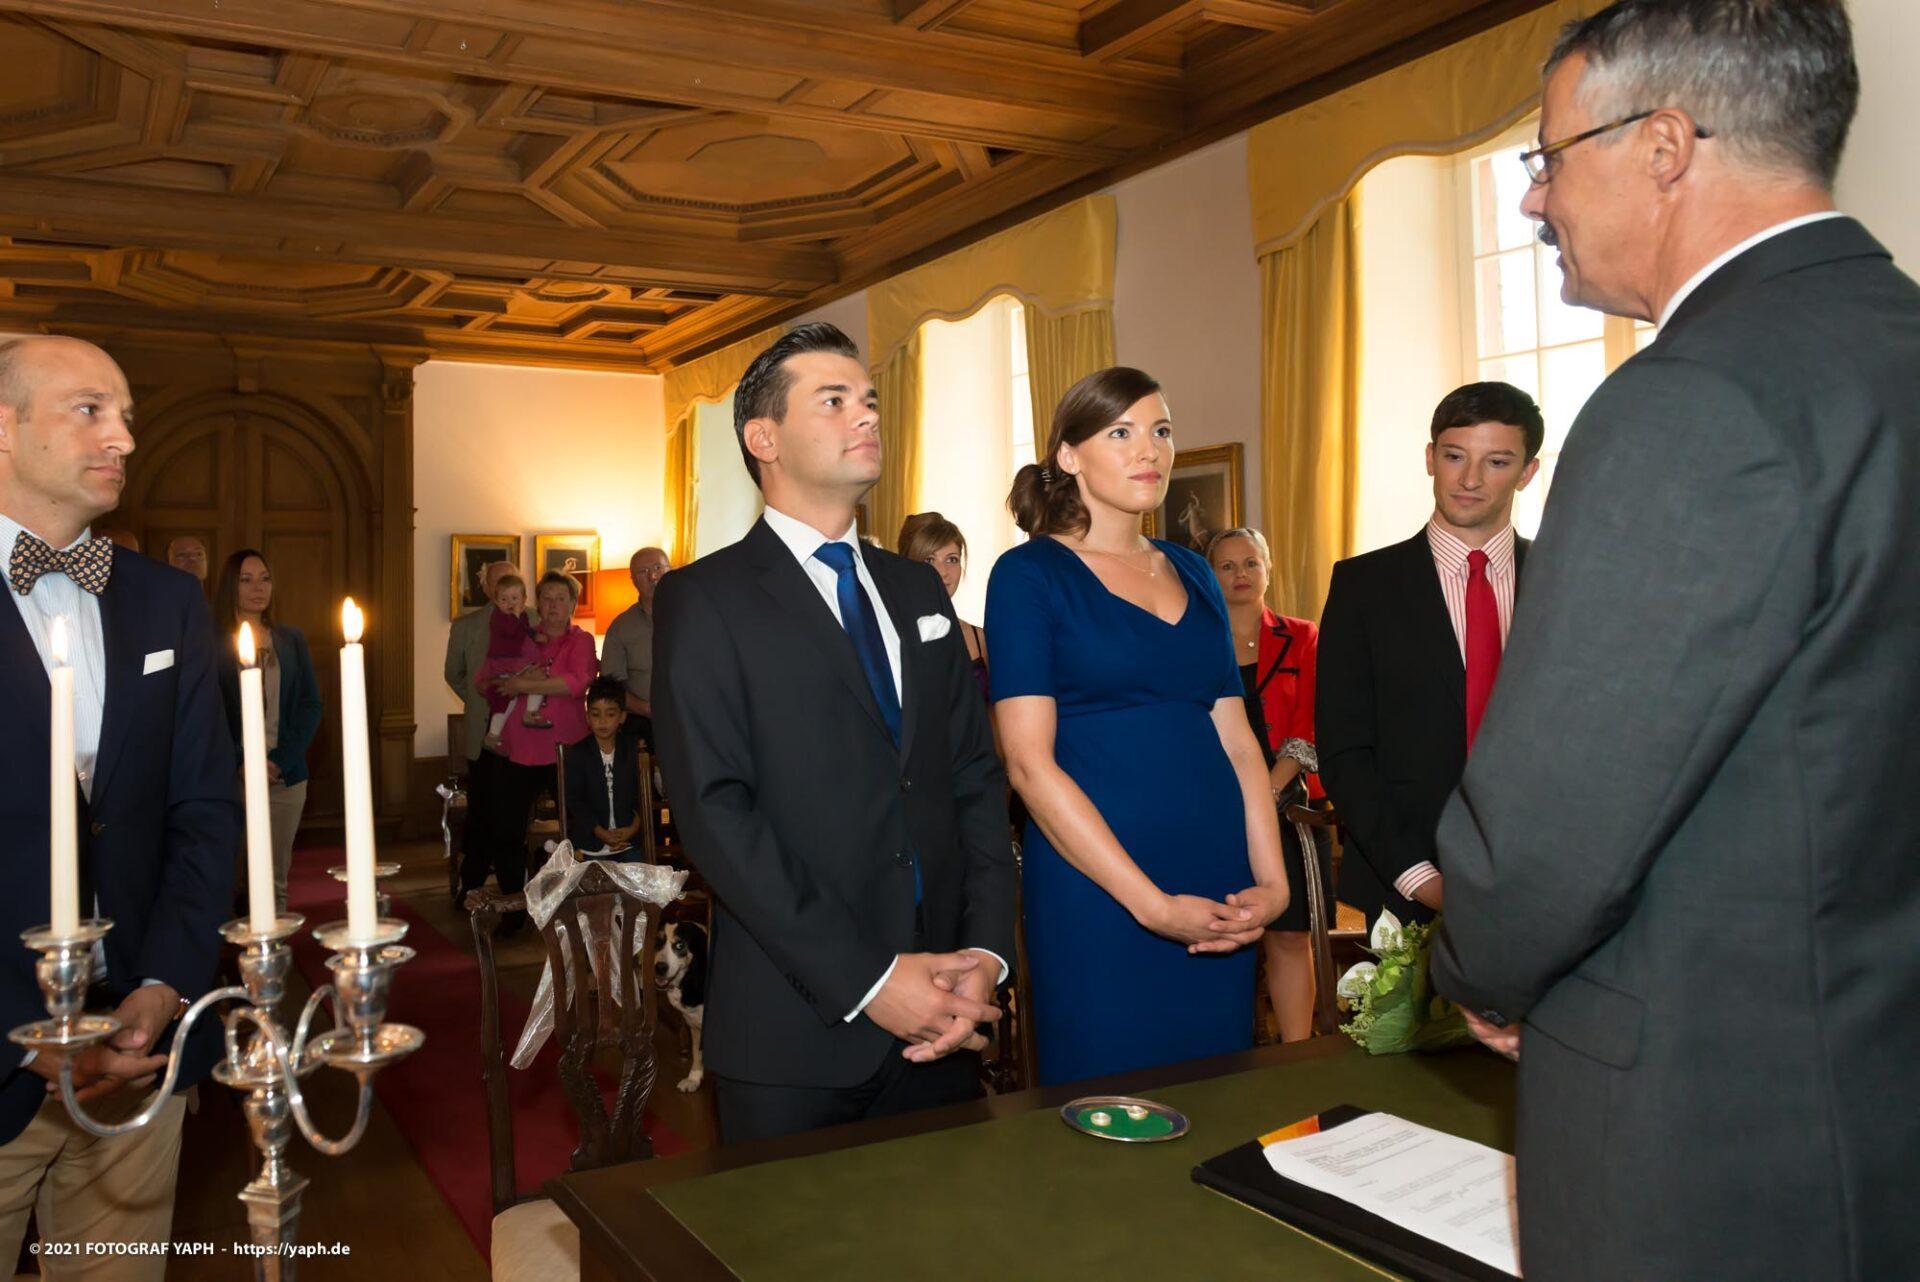 Standesamtliche Trauung Rebecca und Tom - Fotografiert von Yaph - Fotograf für Hochzeit in Trier.